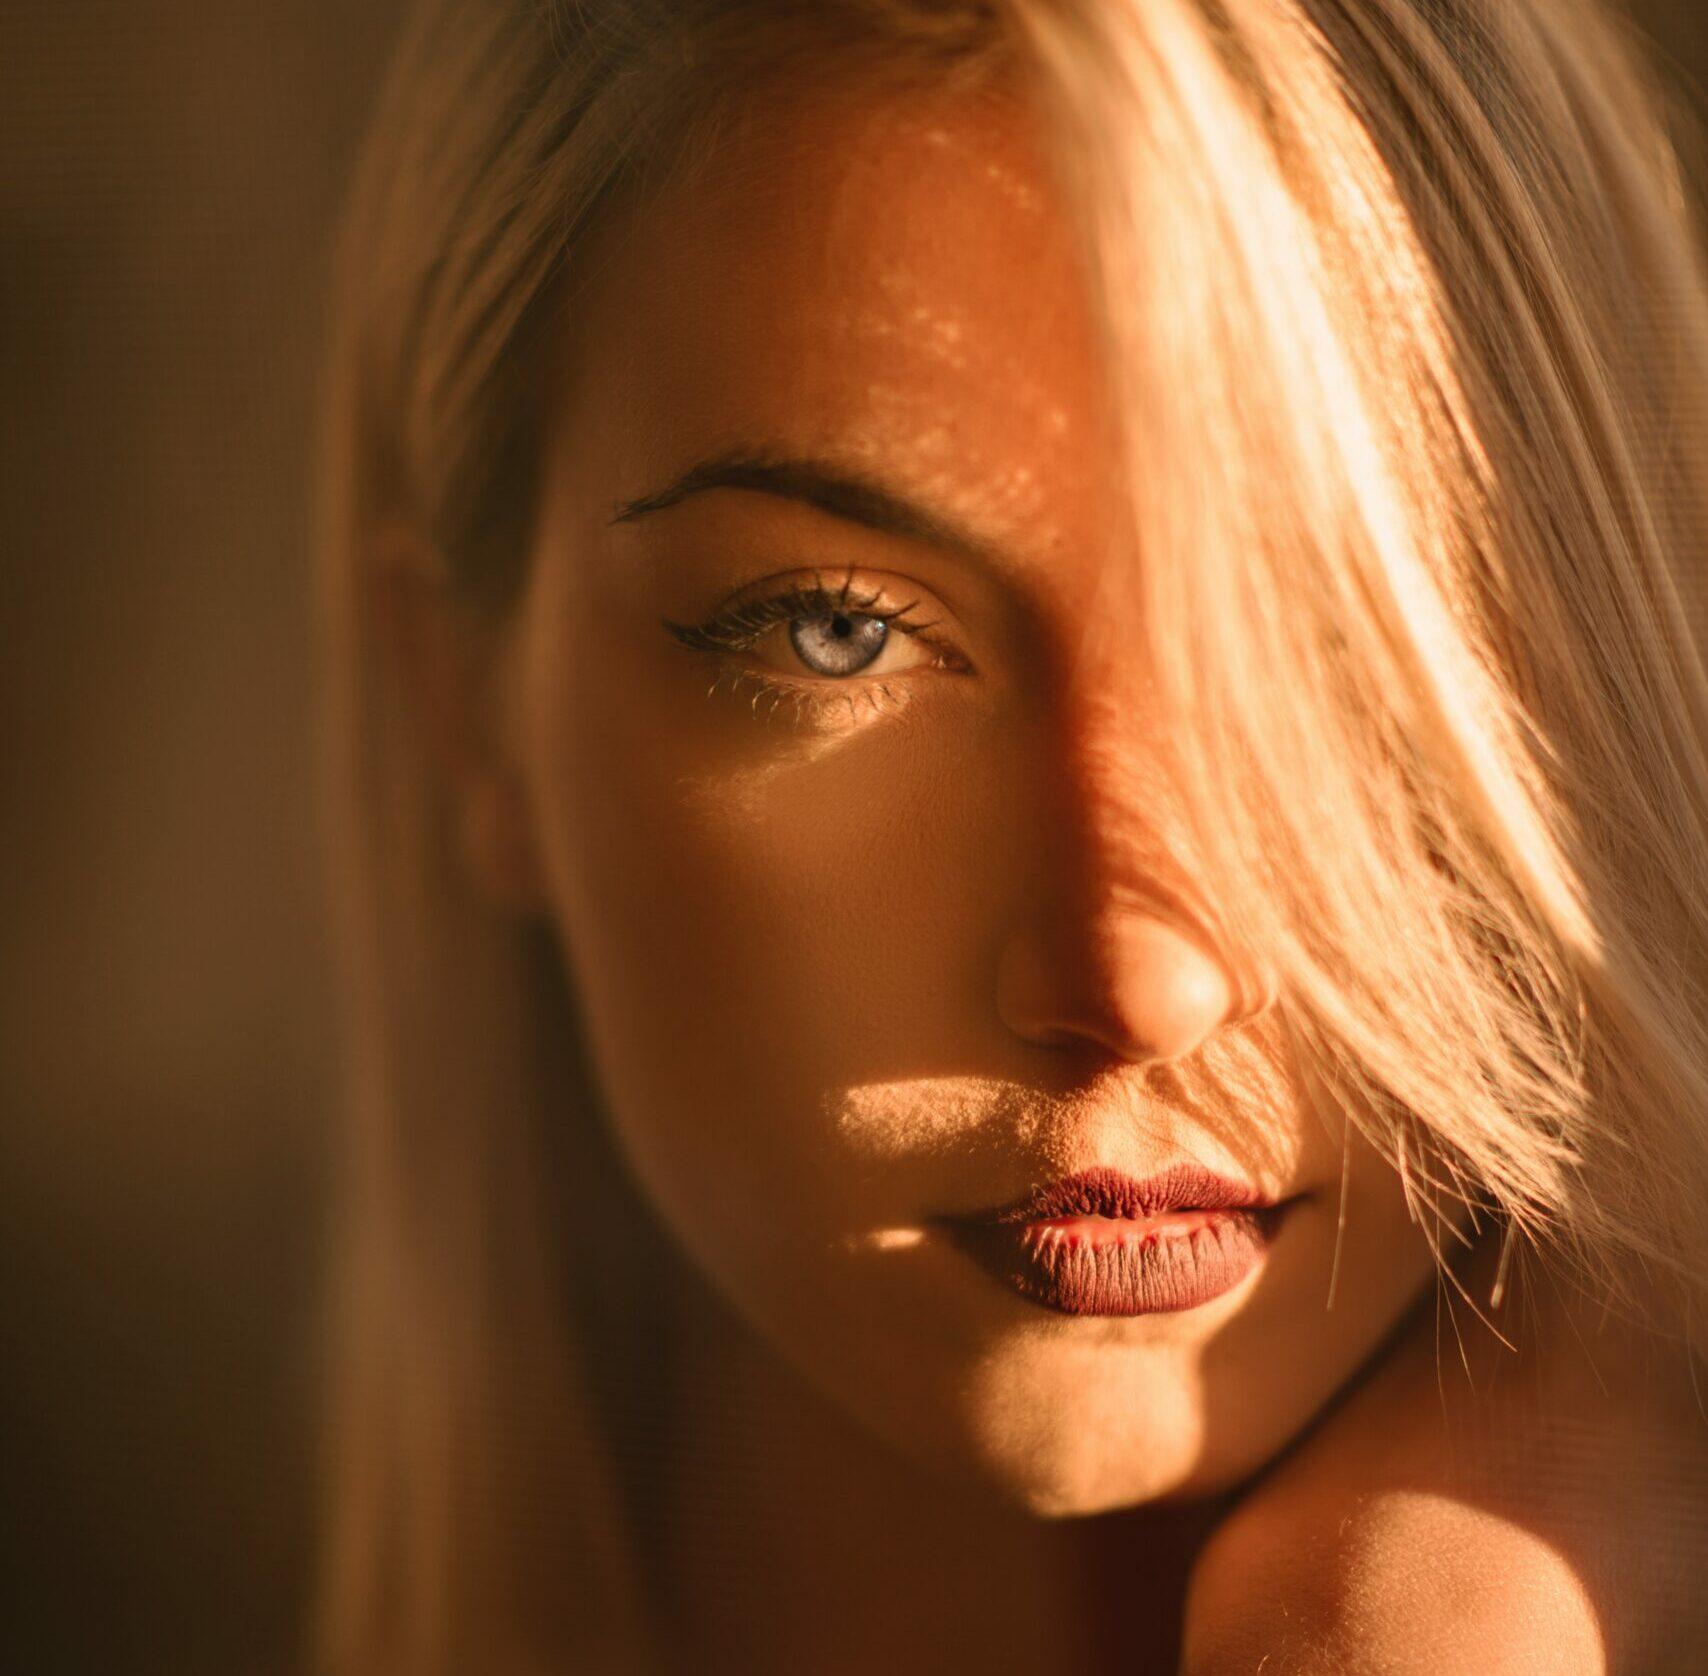 Face framing, las mechas que iluminan el rostro y rejuvenecen al instante